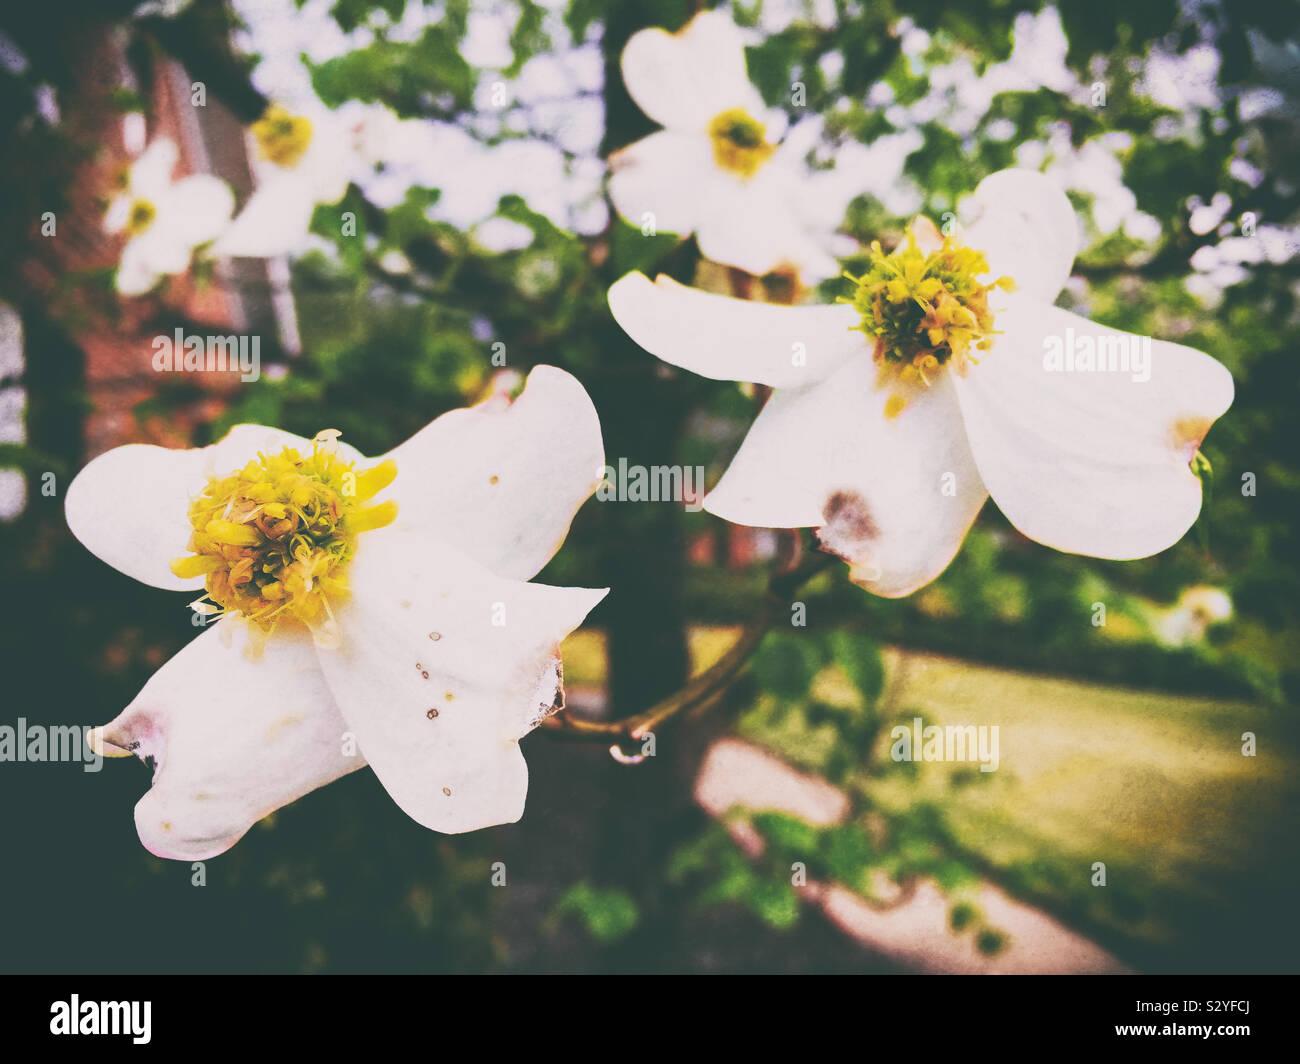 Corniolo fiori di albero in fiore in un giardino all'aperto. La messa a fuoco in primo piano. Arte digitale effetto testurizzato. Foto Stock